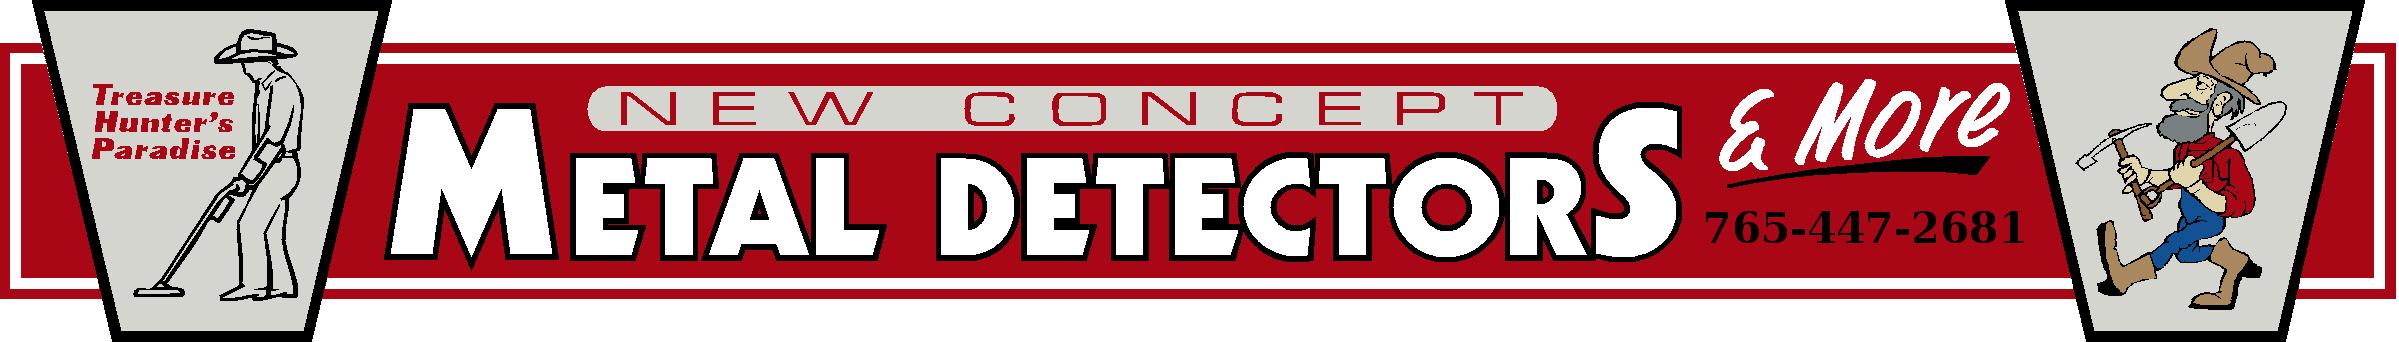 New Concept Metal Detectors Logo